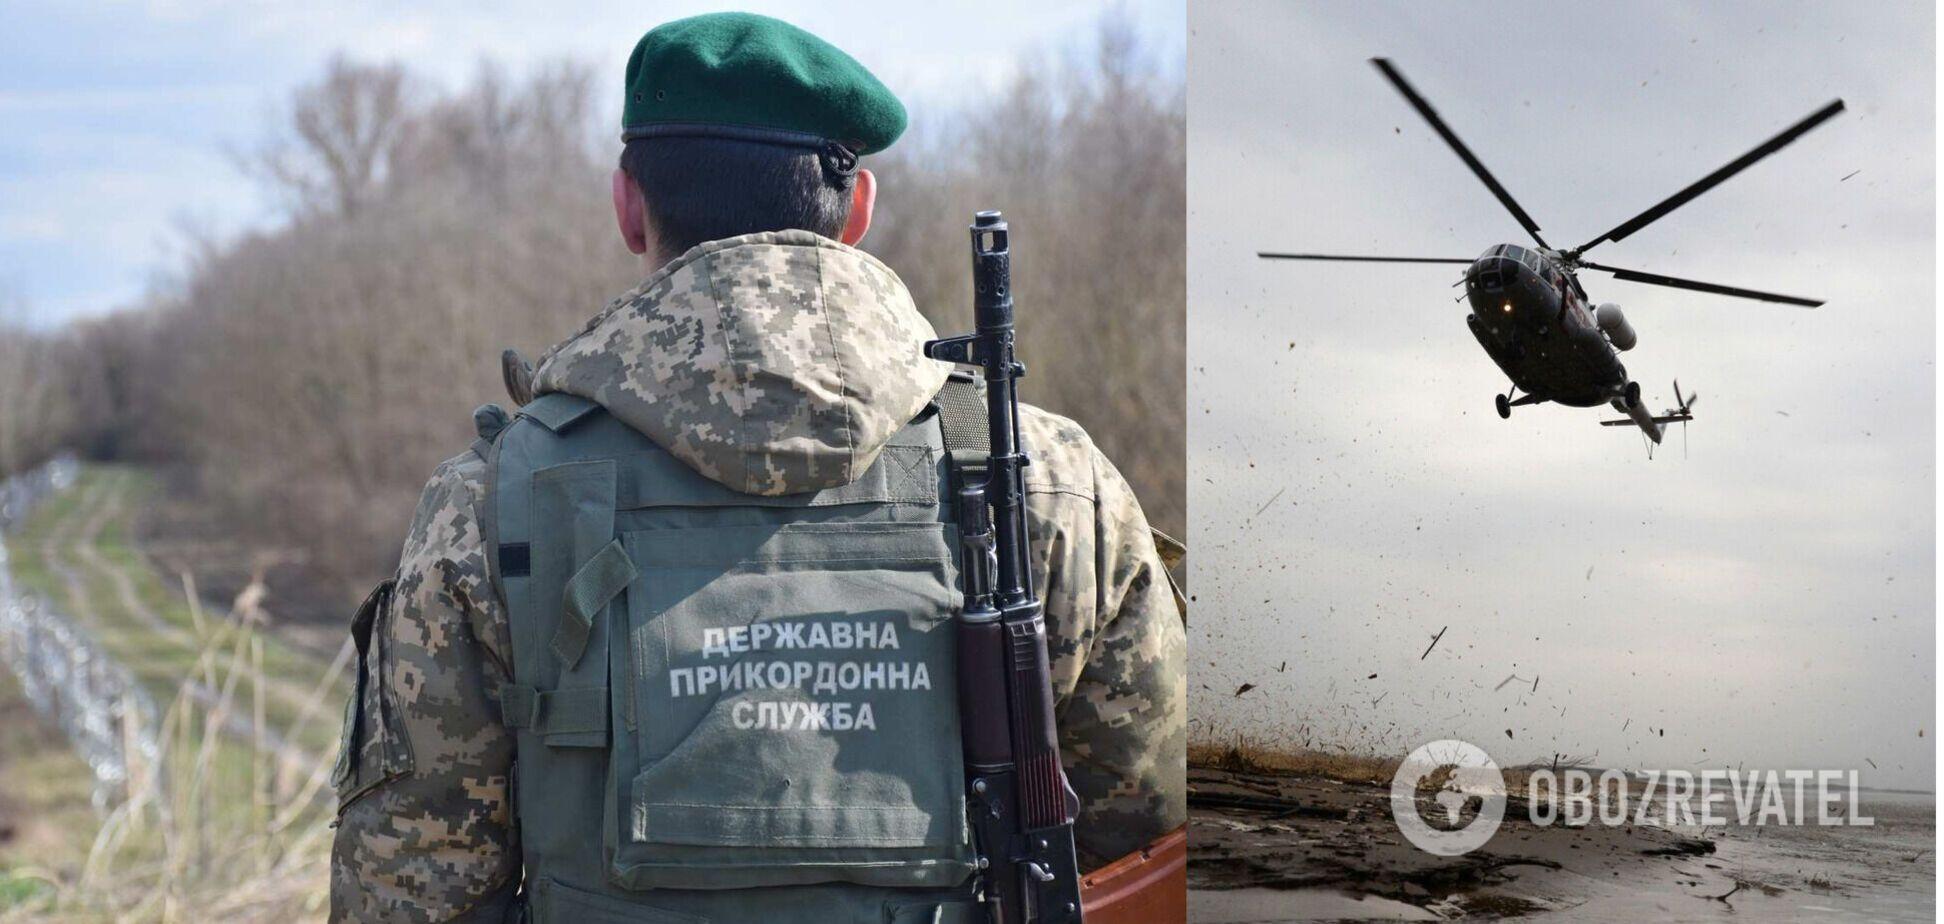 РФ предсказуемо прокомментировала нарушение вертолетом украинской границы